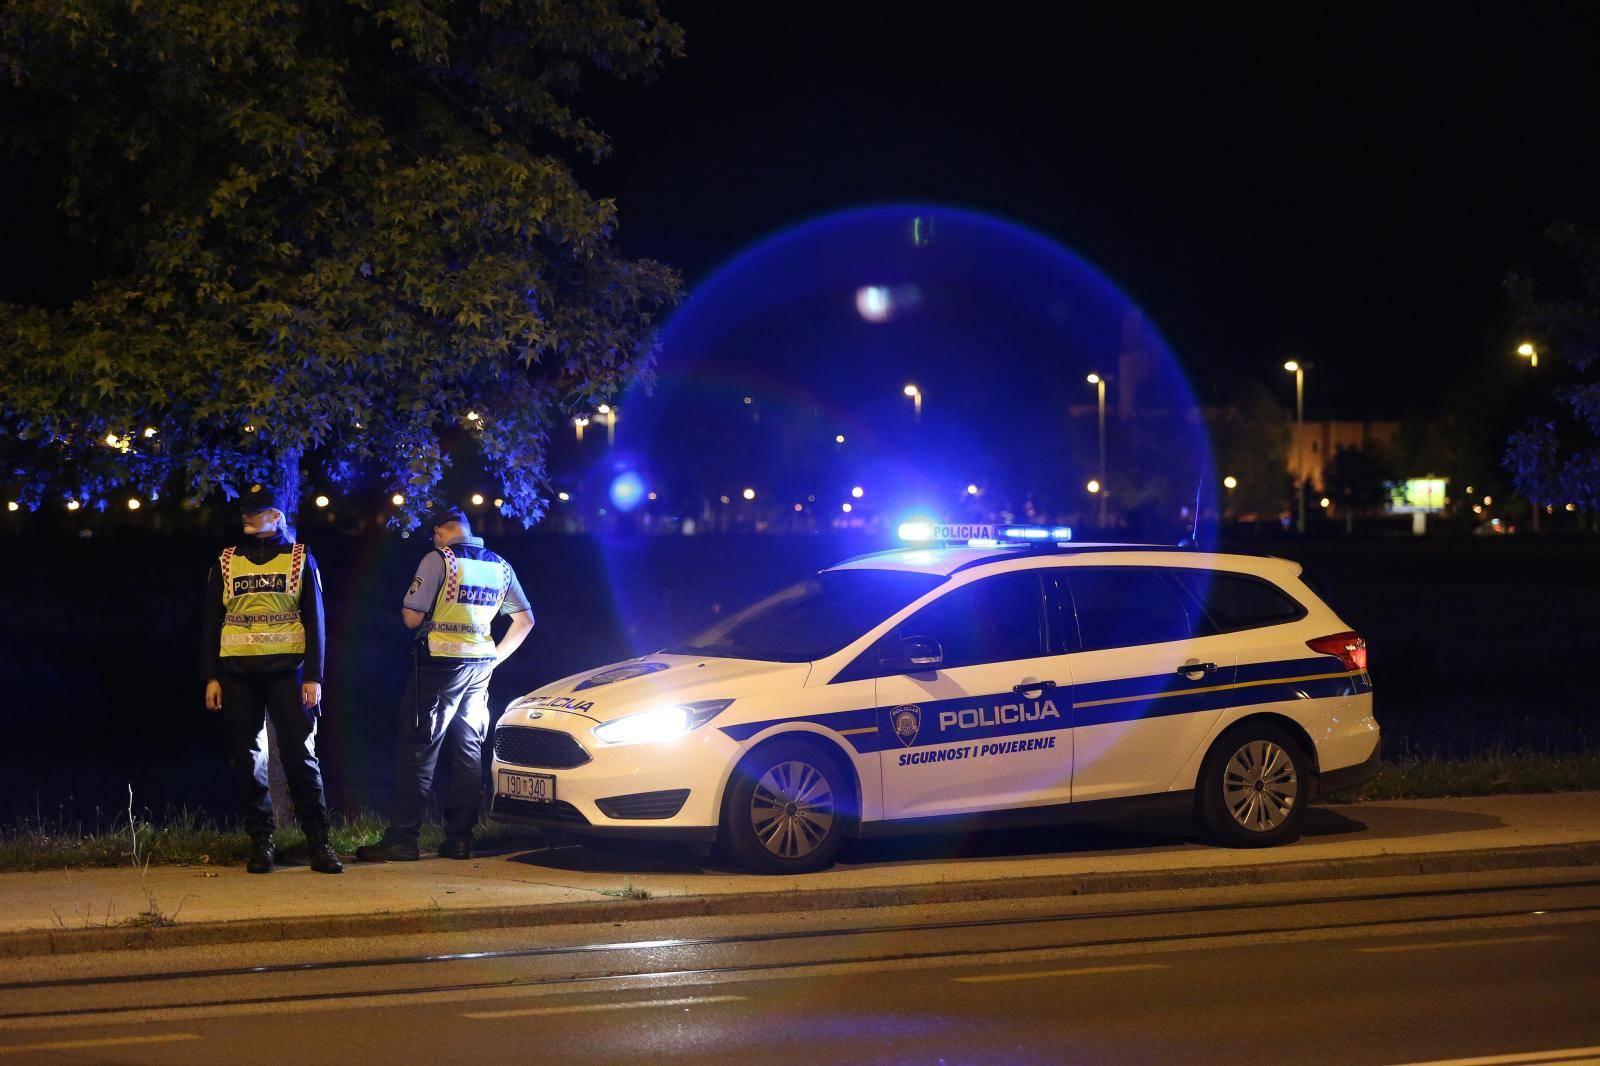 Muškarac (42) smrtno stradao u prometnoj nesreći kraj Kijeva